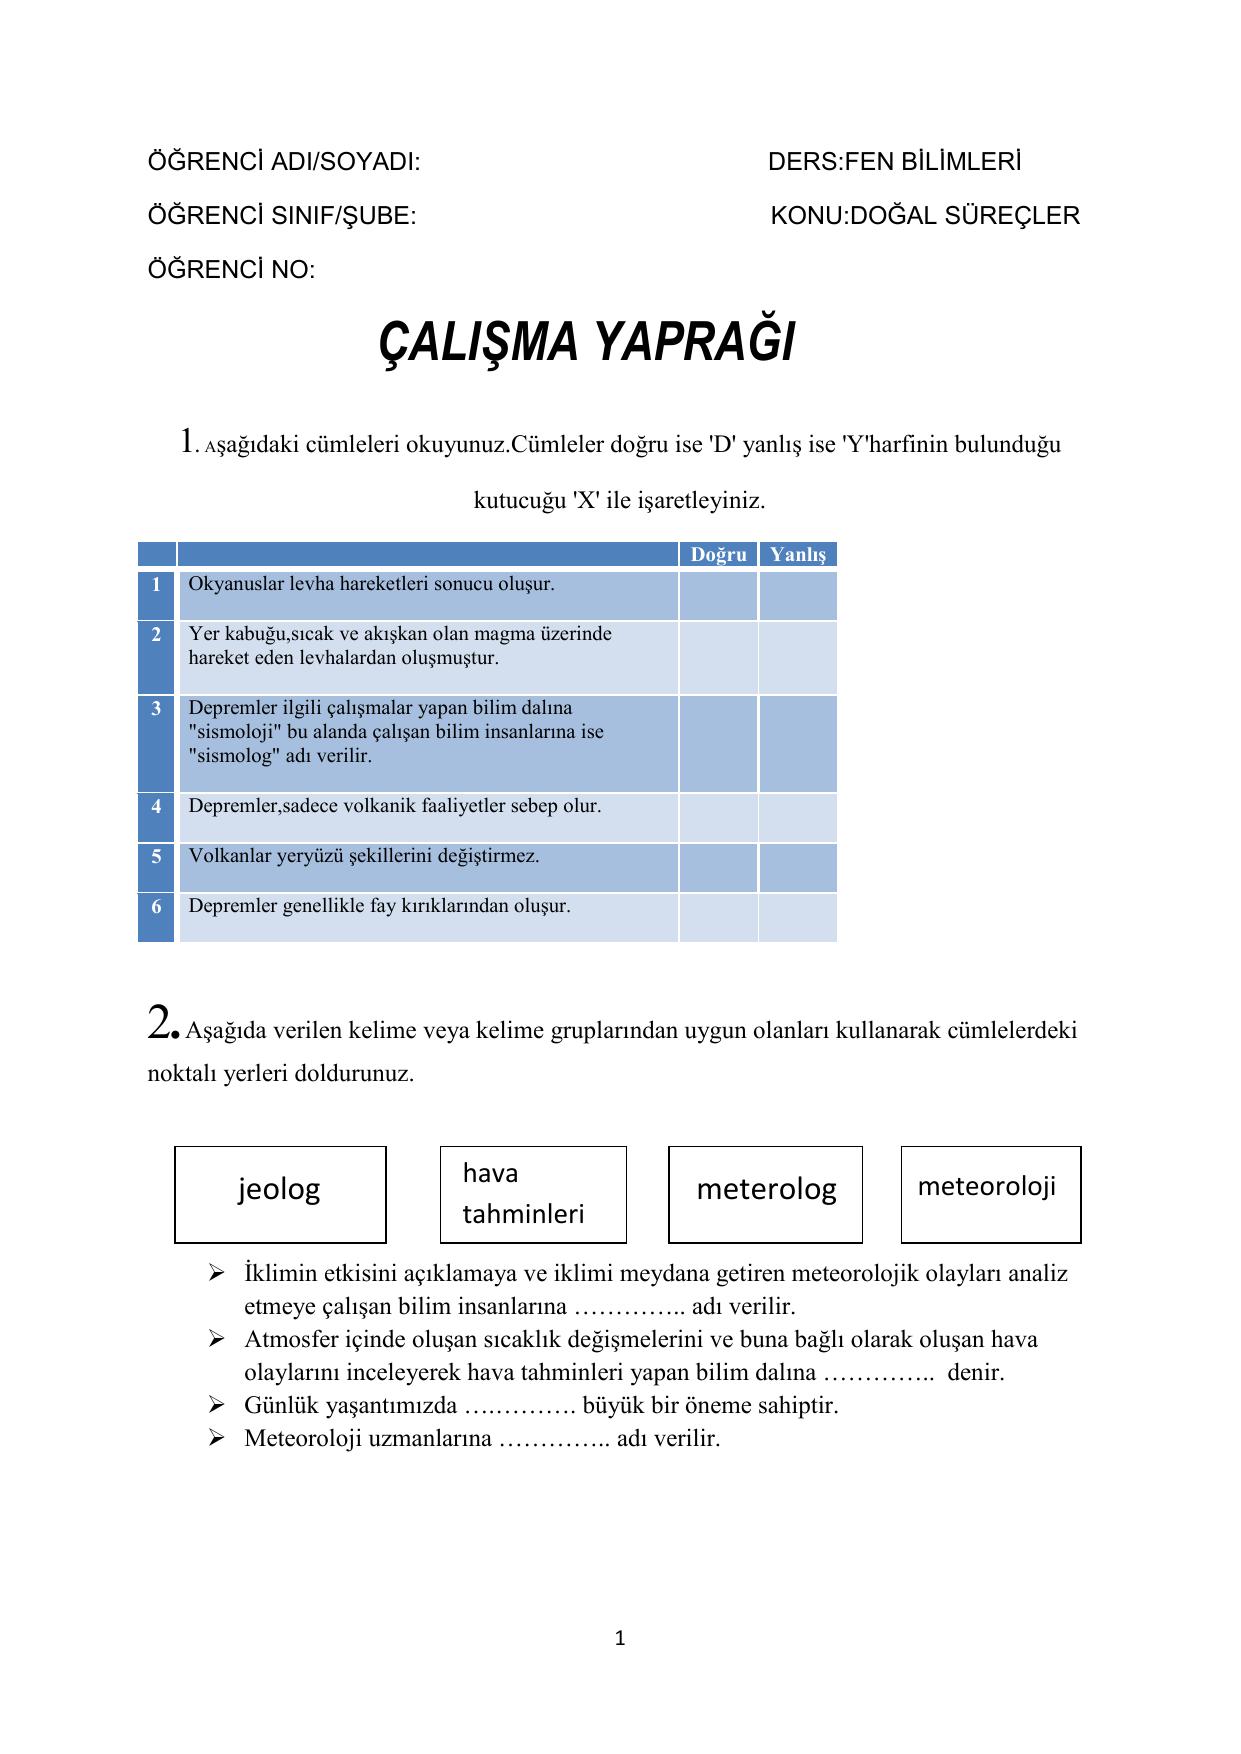 Calisma Yapragi